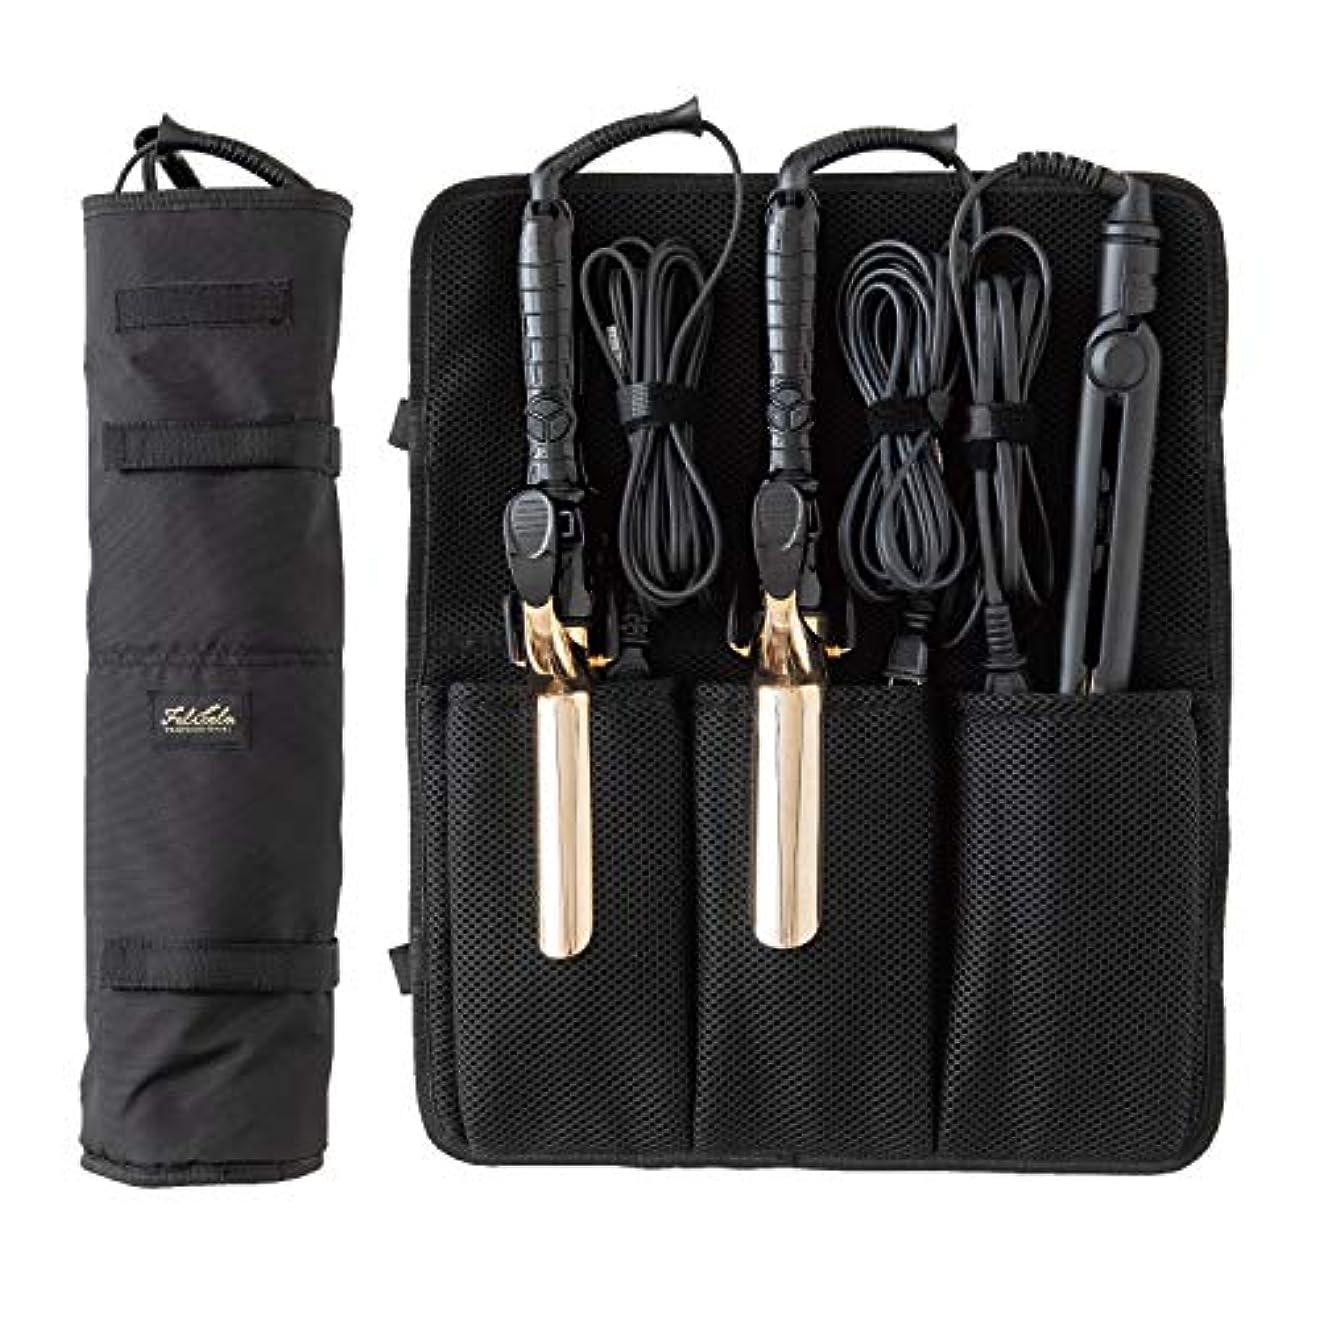 マスタードステンレス無駄なラッキーウィンク 3本入るヘアアイロンケース ブラック 商品サイズ: W450×H430×D40mm(外寸)135g